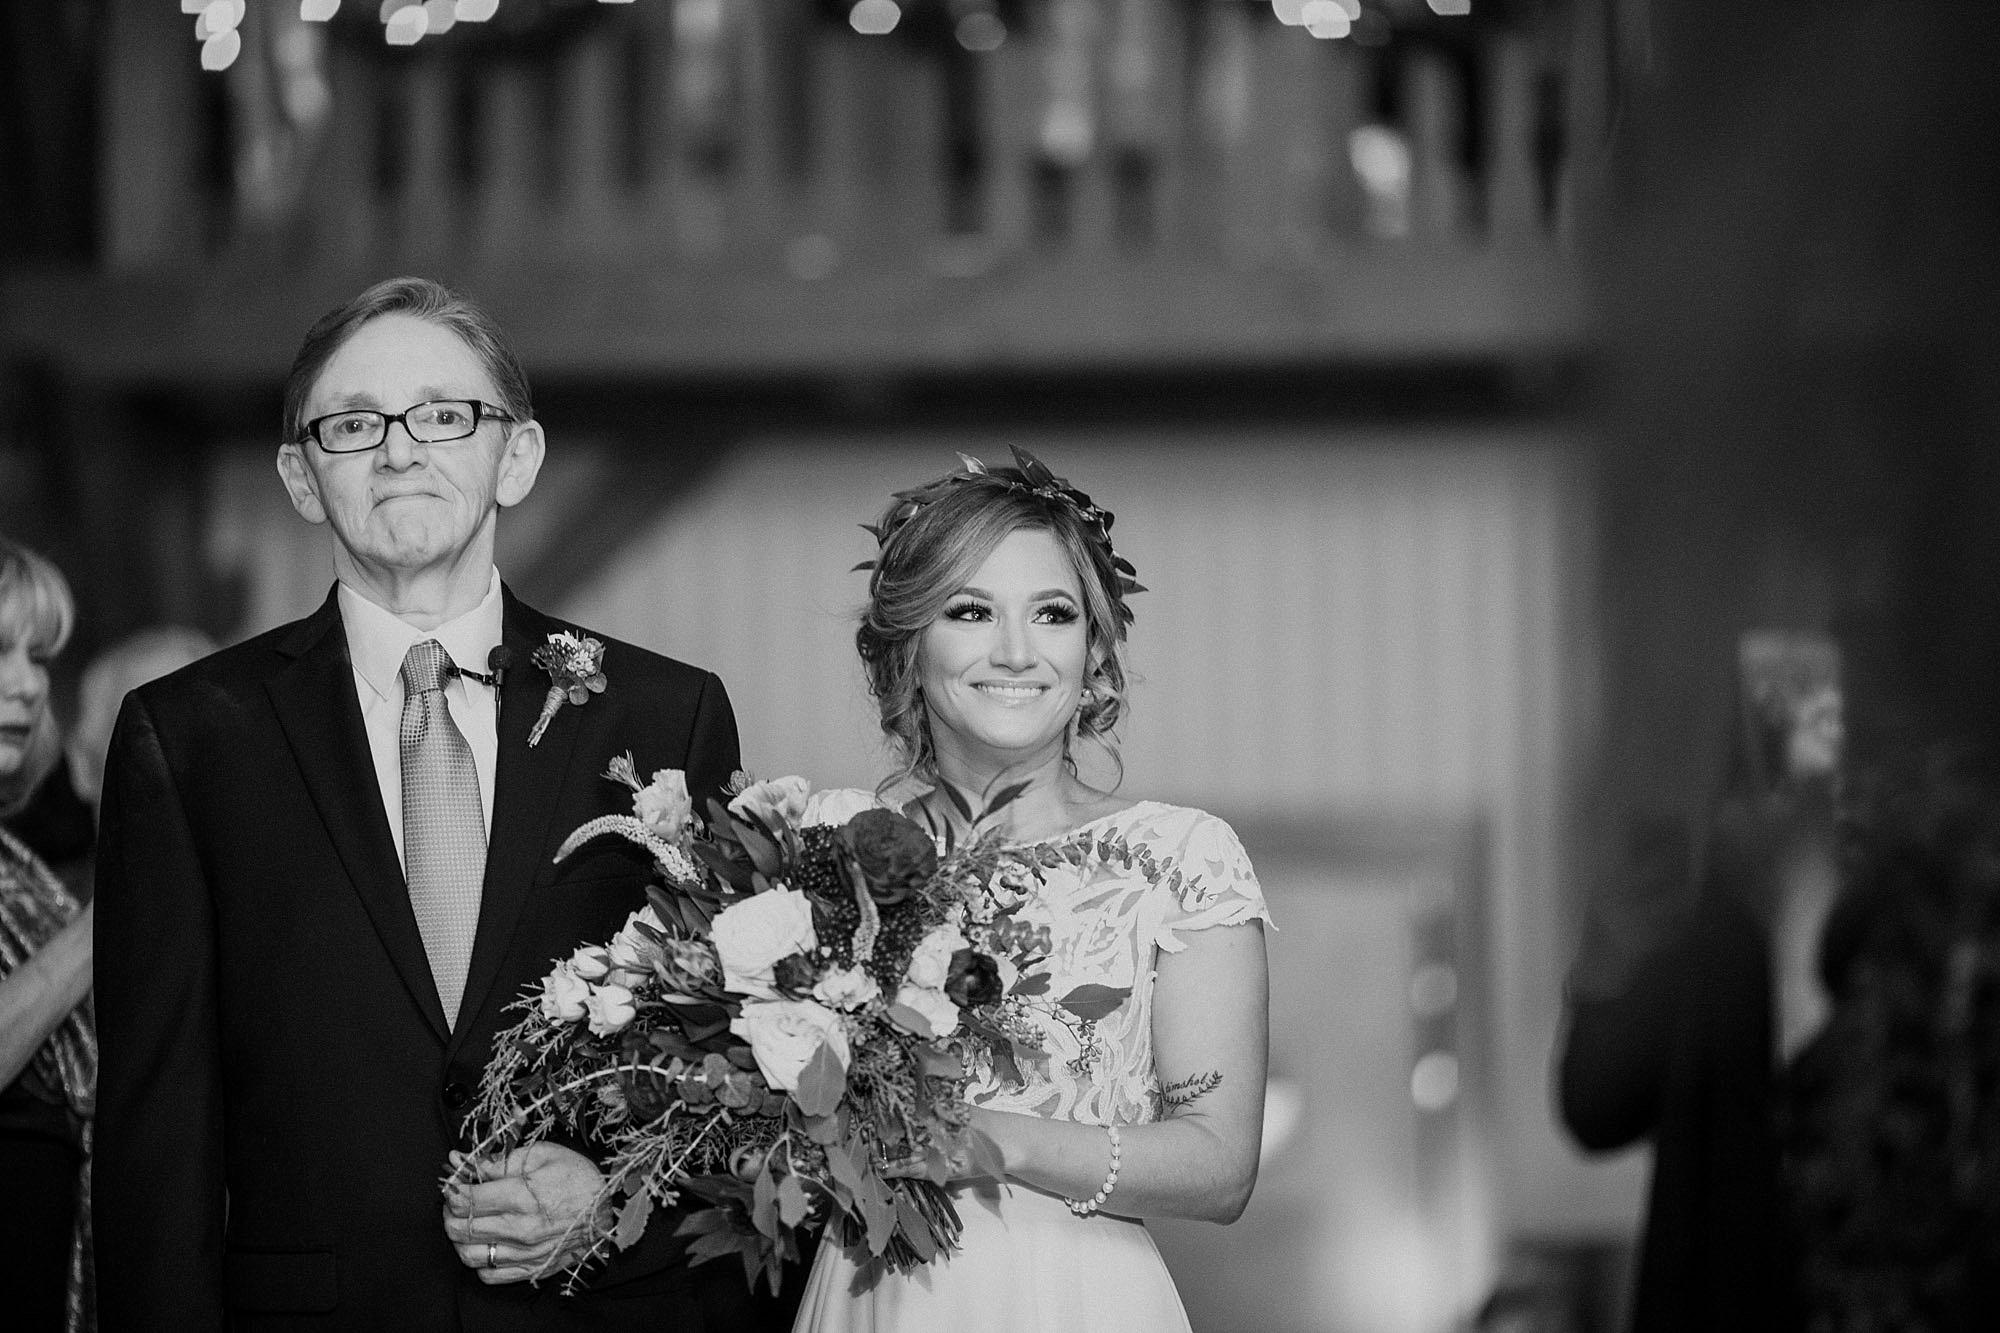 Tweaksbury-country-clup-wedding-40.jpg